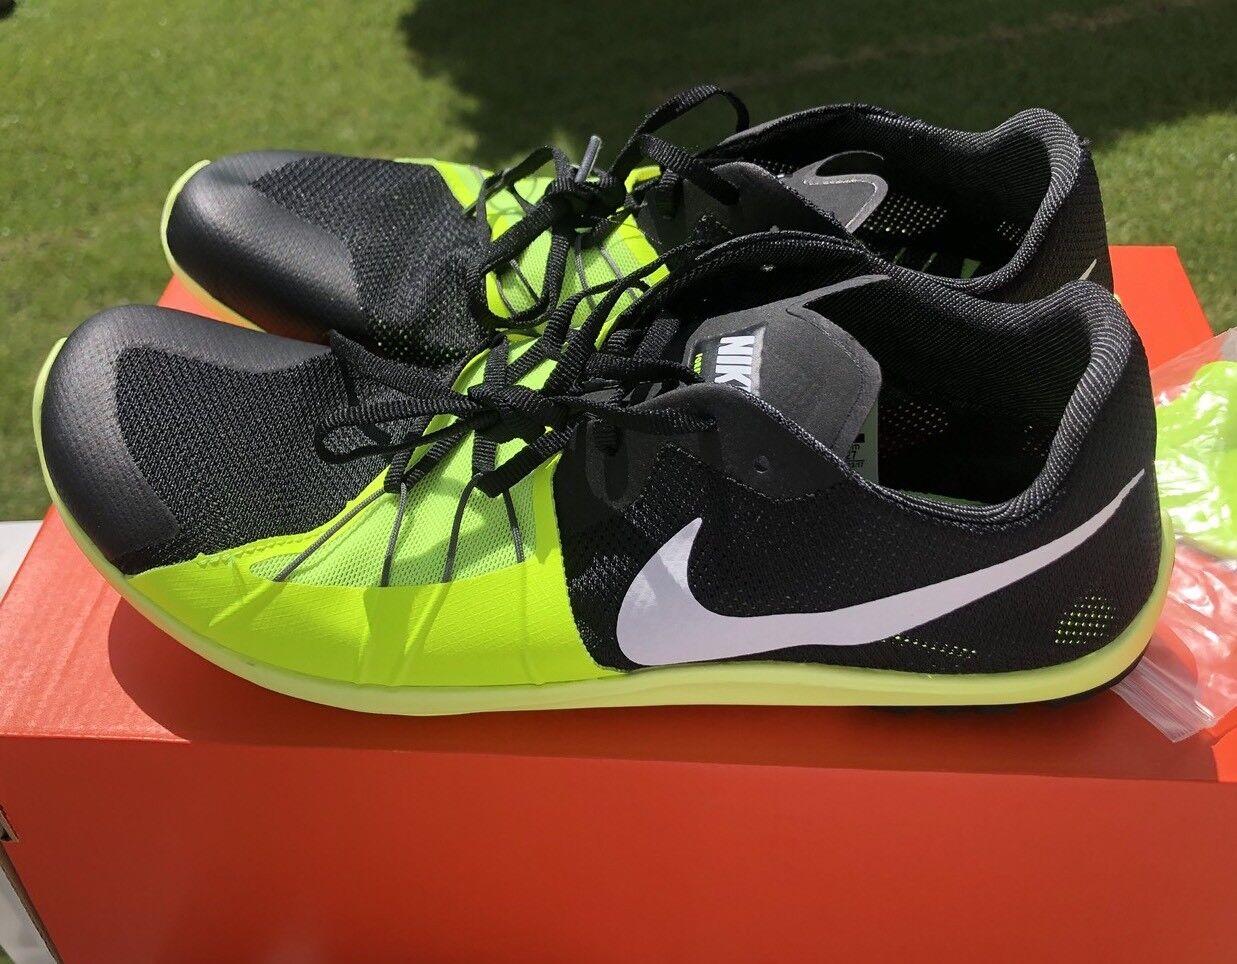 Nike zoom sempre xc 5 binari & & & campo spuntoni volt mens taglia 9 904723-017 nuova | Grande Svendita  e1e3fd